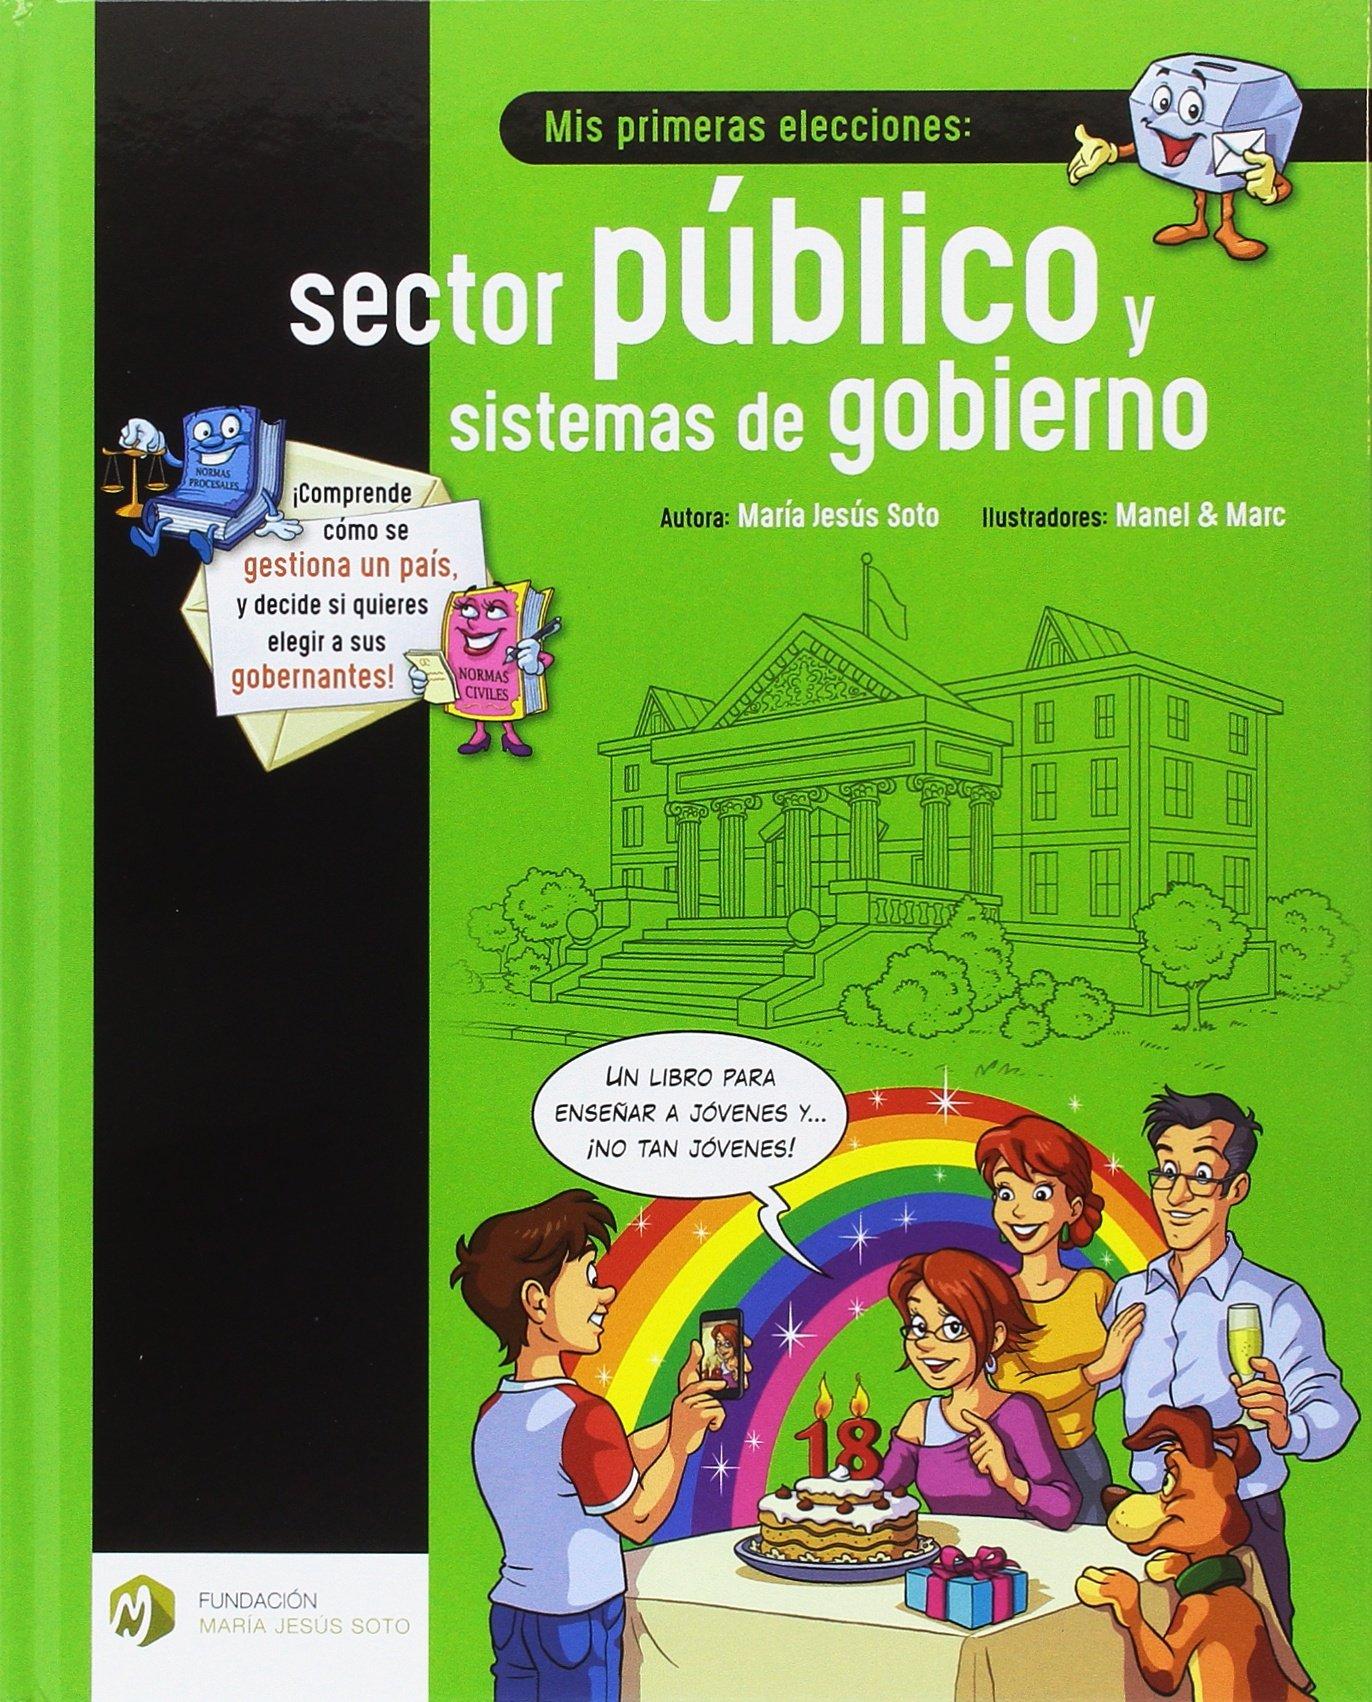 Mis primeras elecciones: sector público y sistemas de gobierno (Educación Financiera Básica) Tapa dura – Ilustrado, 1 sep 2017 Mª Jesús Soto Barragán Manel & Marc Fundación María Jesús Soto 8494670352